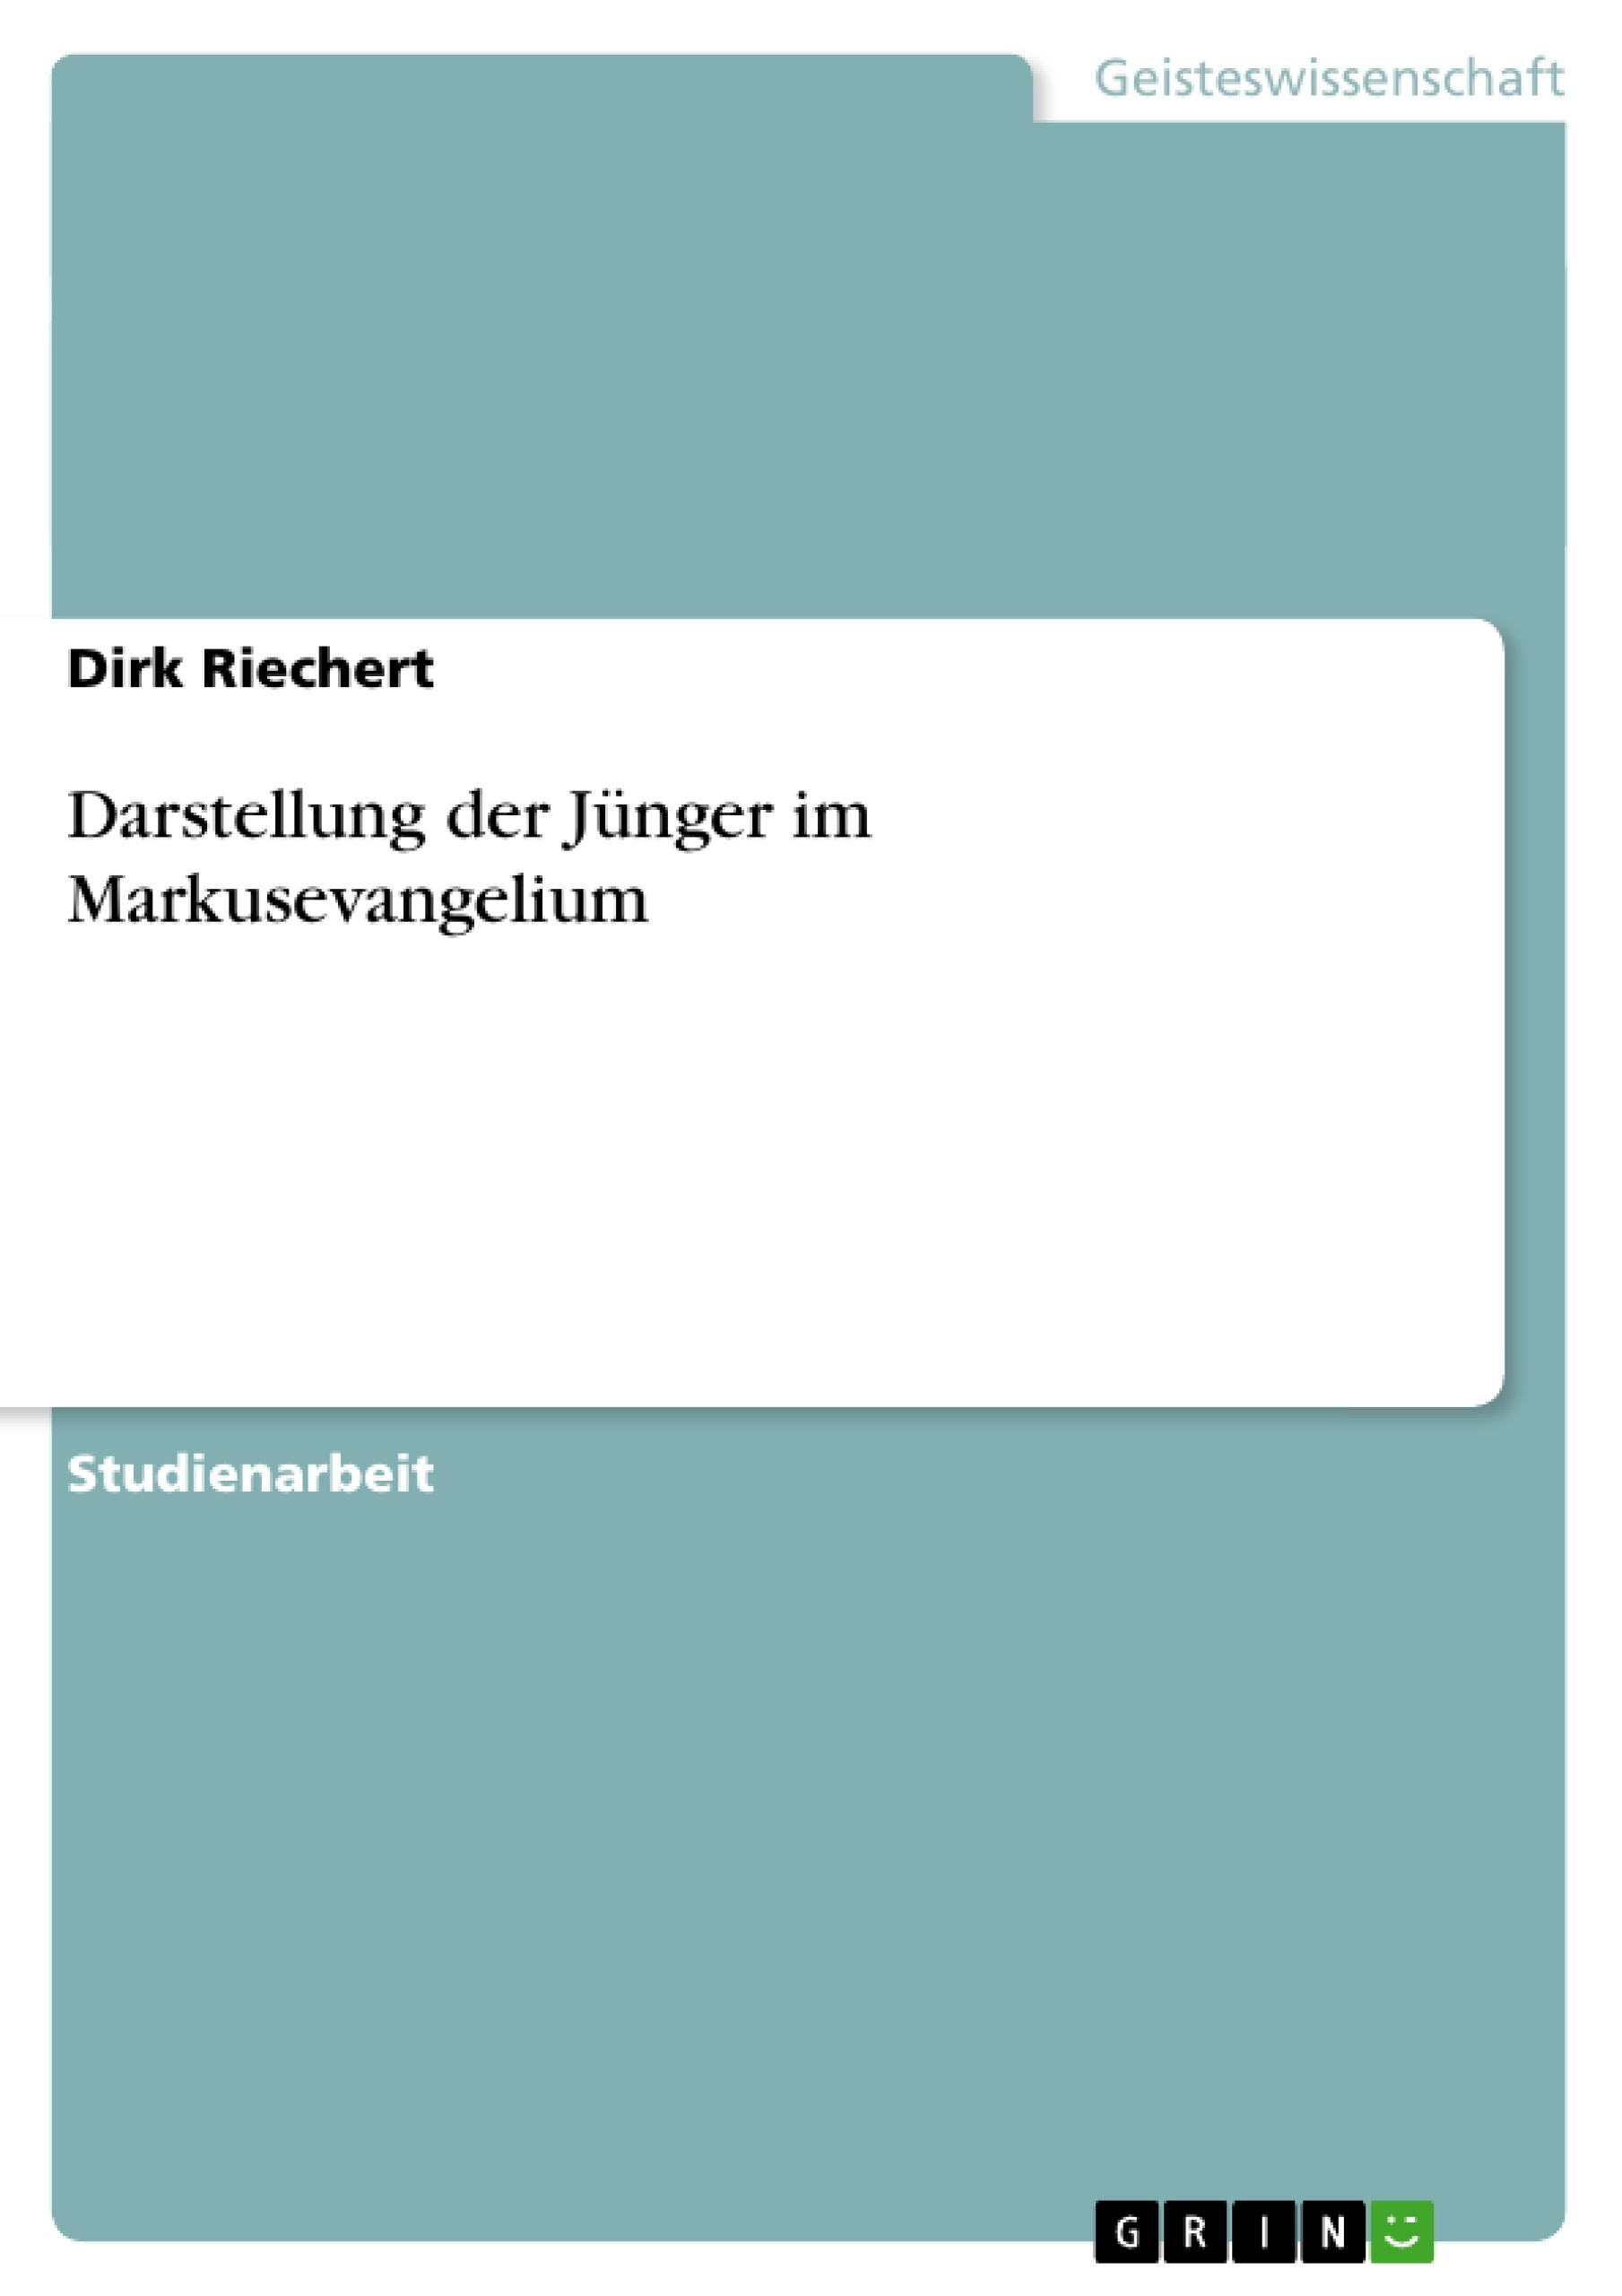 Titel: Darstellung der Jünger im Markusevangelium